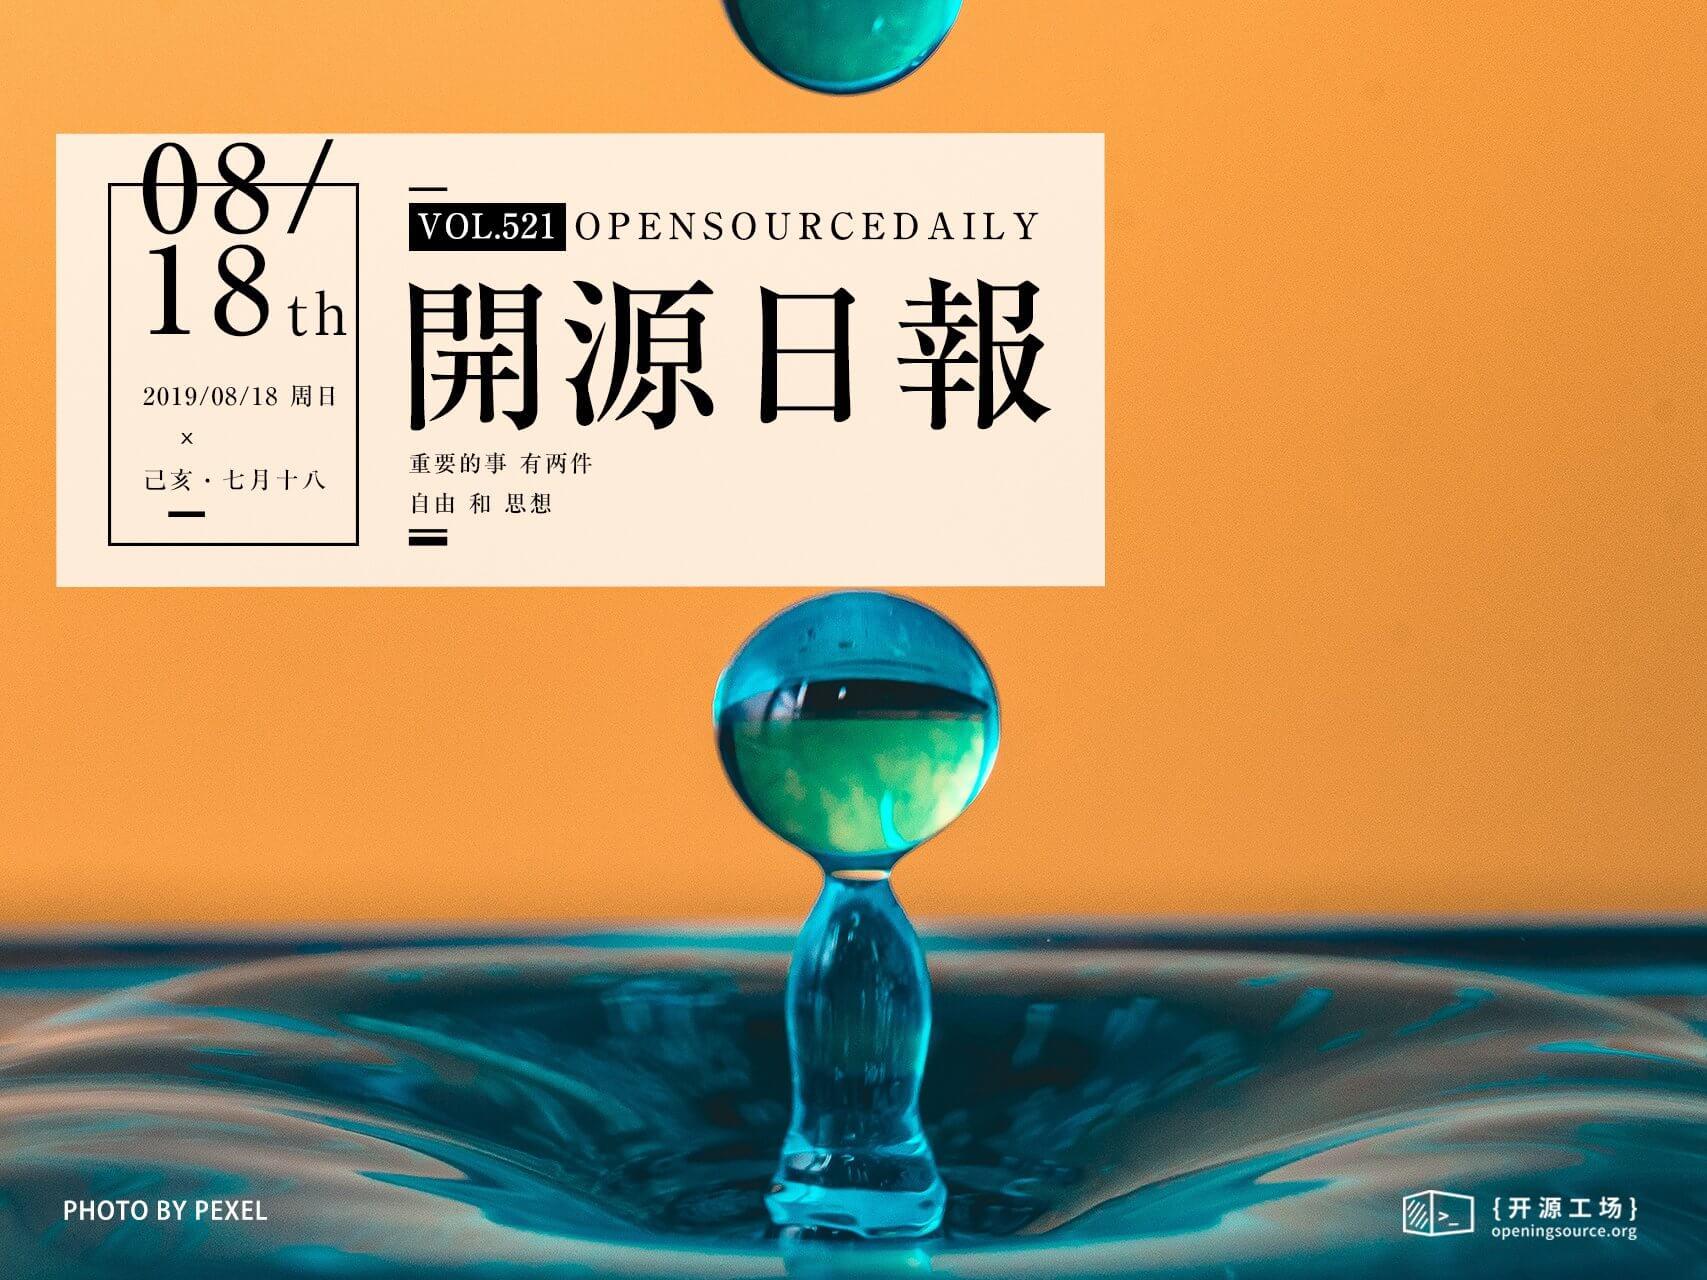 开源日报第521期:《欧拉 chrome-power-jojo》